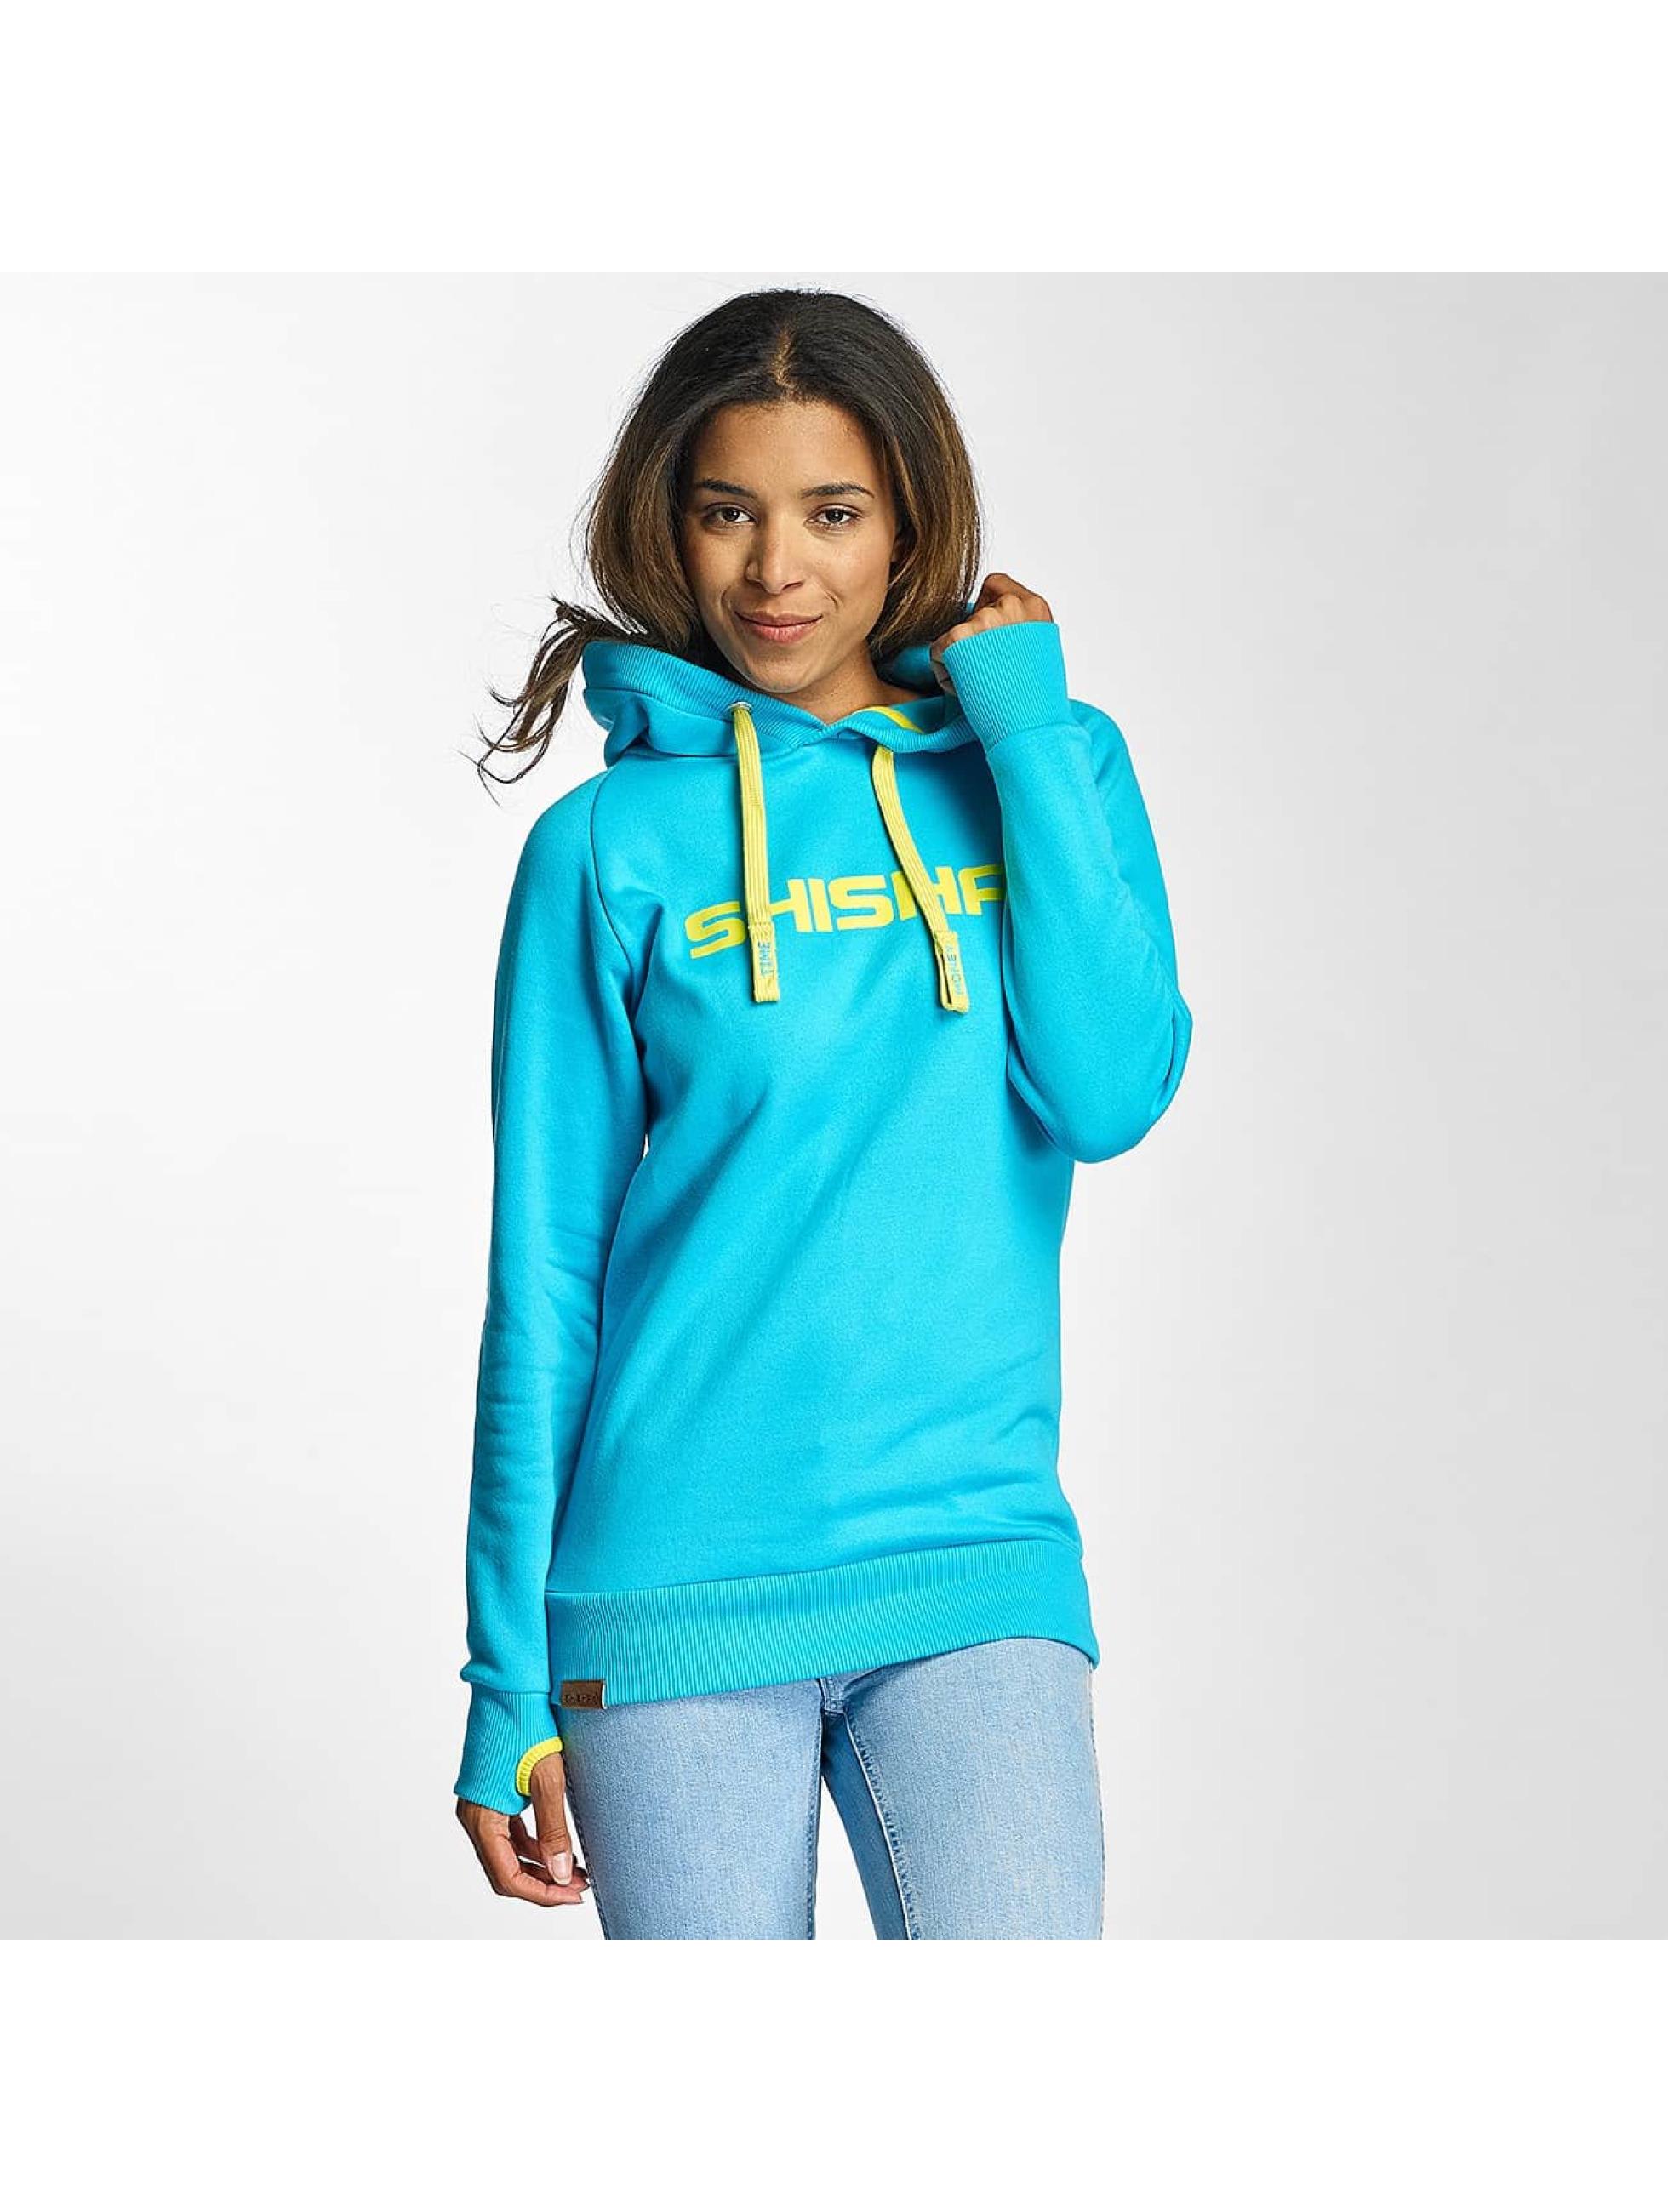 Shisha Frauen Hoody Classic in blau